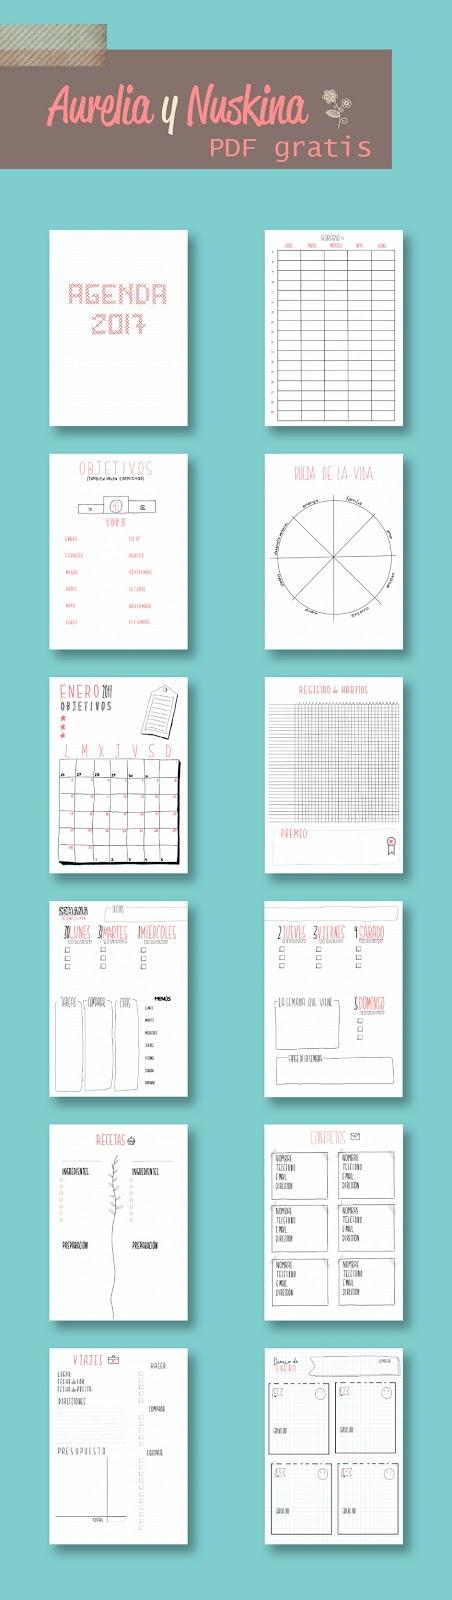 agenda 2017 para imprimir gratis